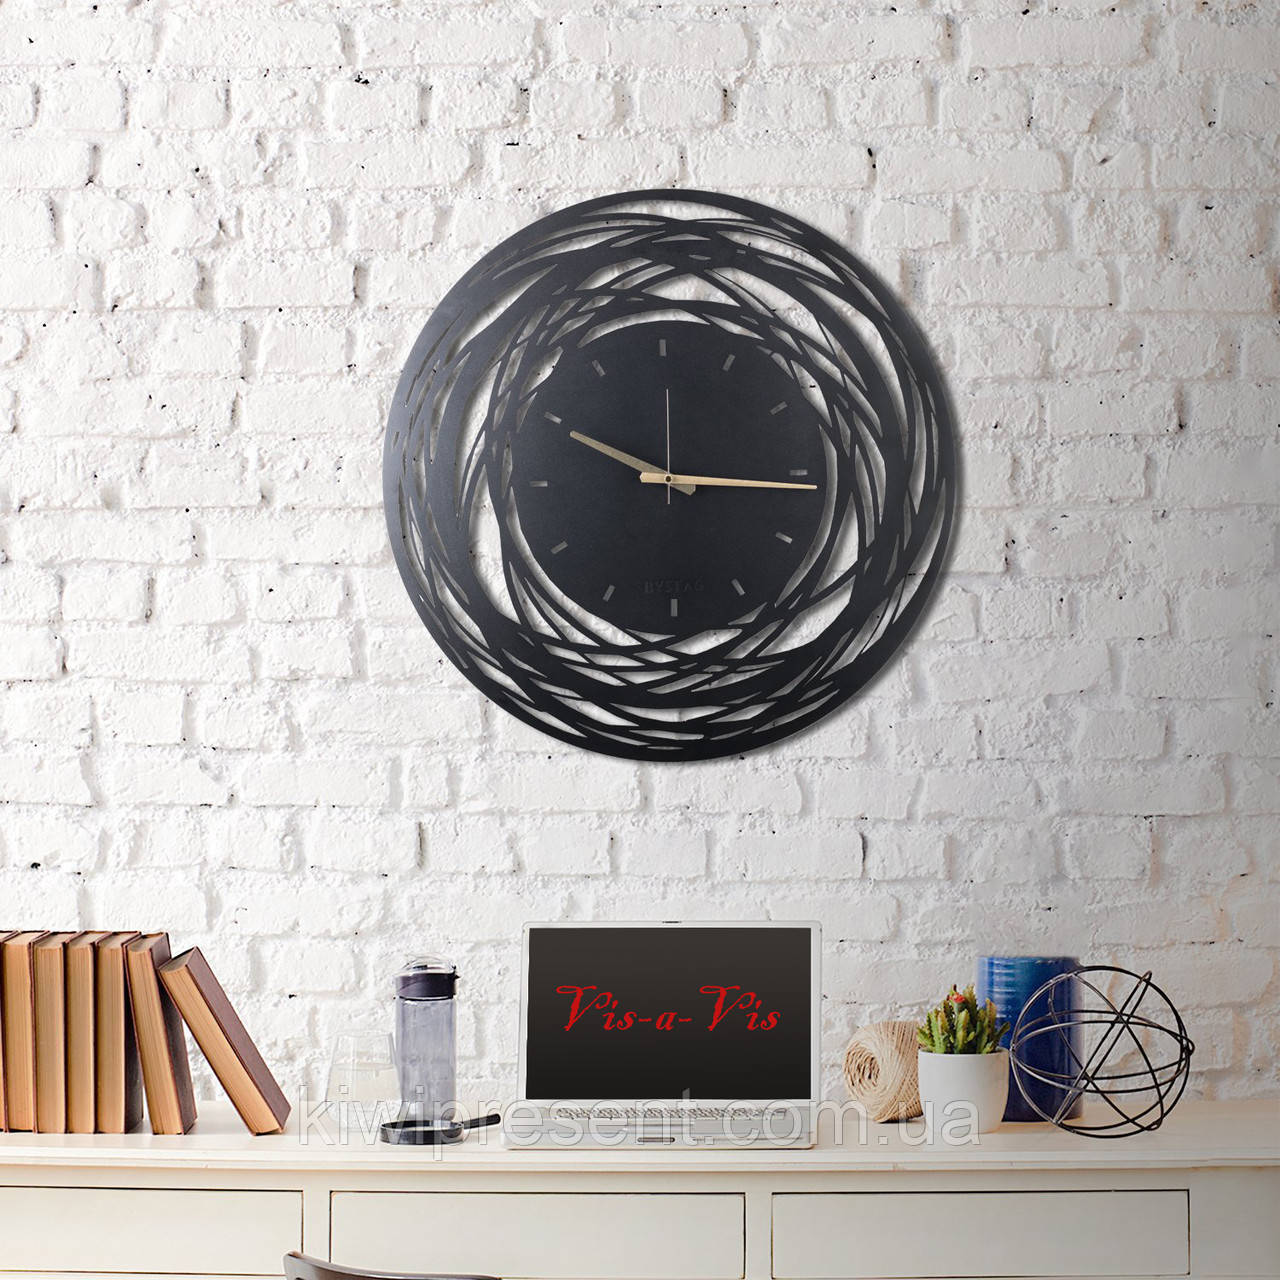 """Настенные часы из металла  """"Нити судьбы"""" (60 см). Дизайнерские часы на стену."""